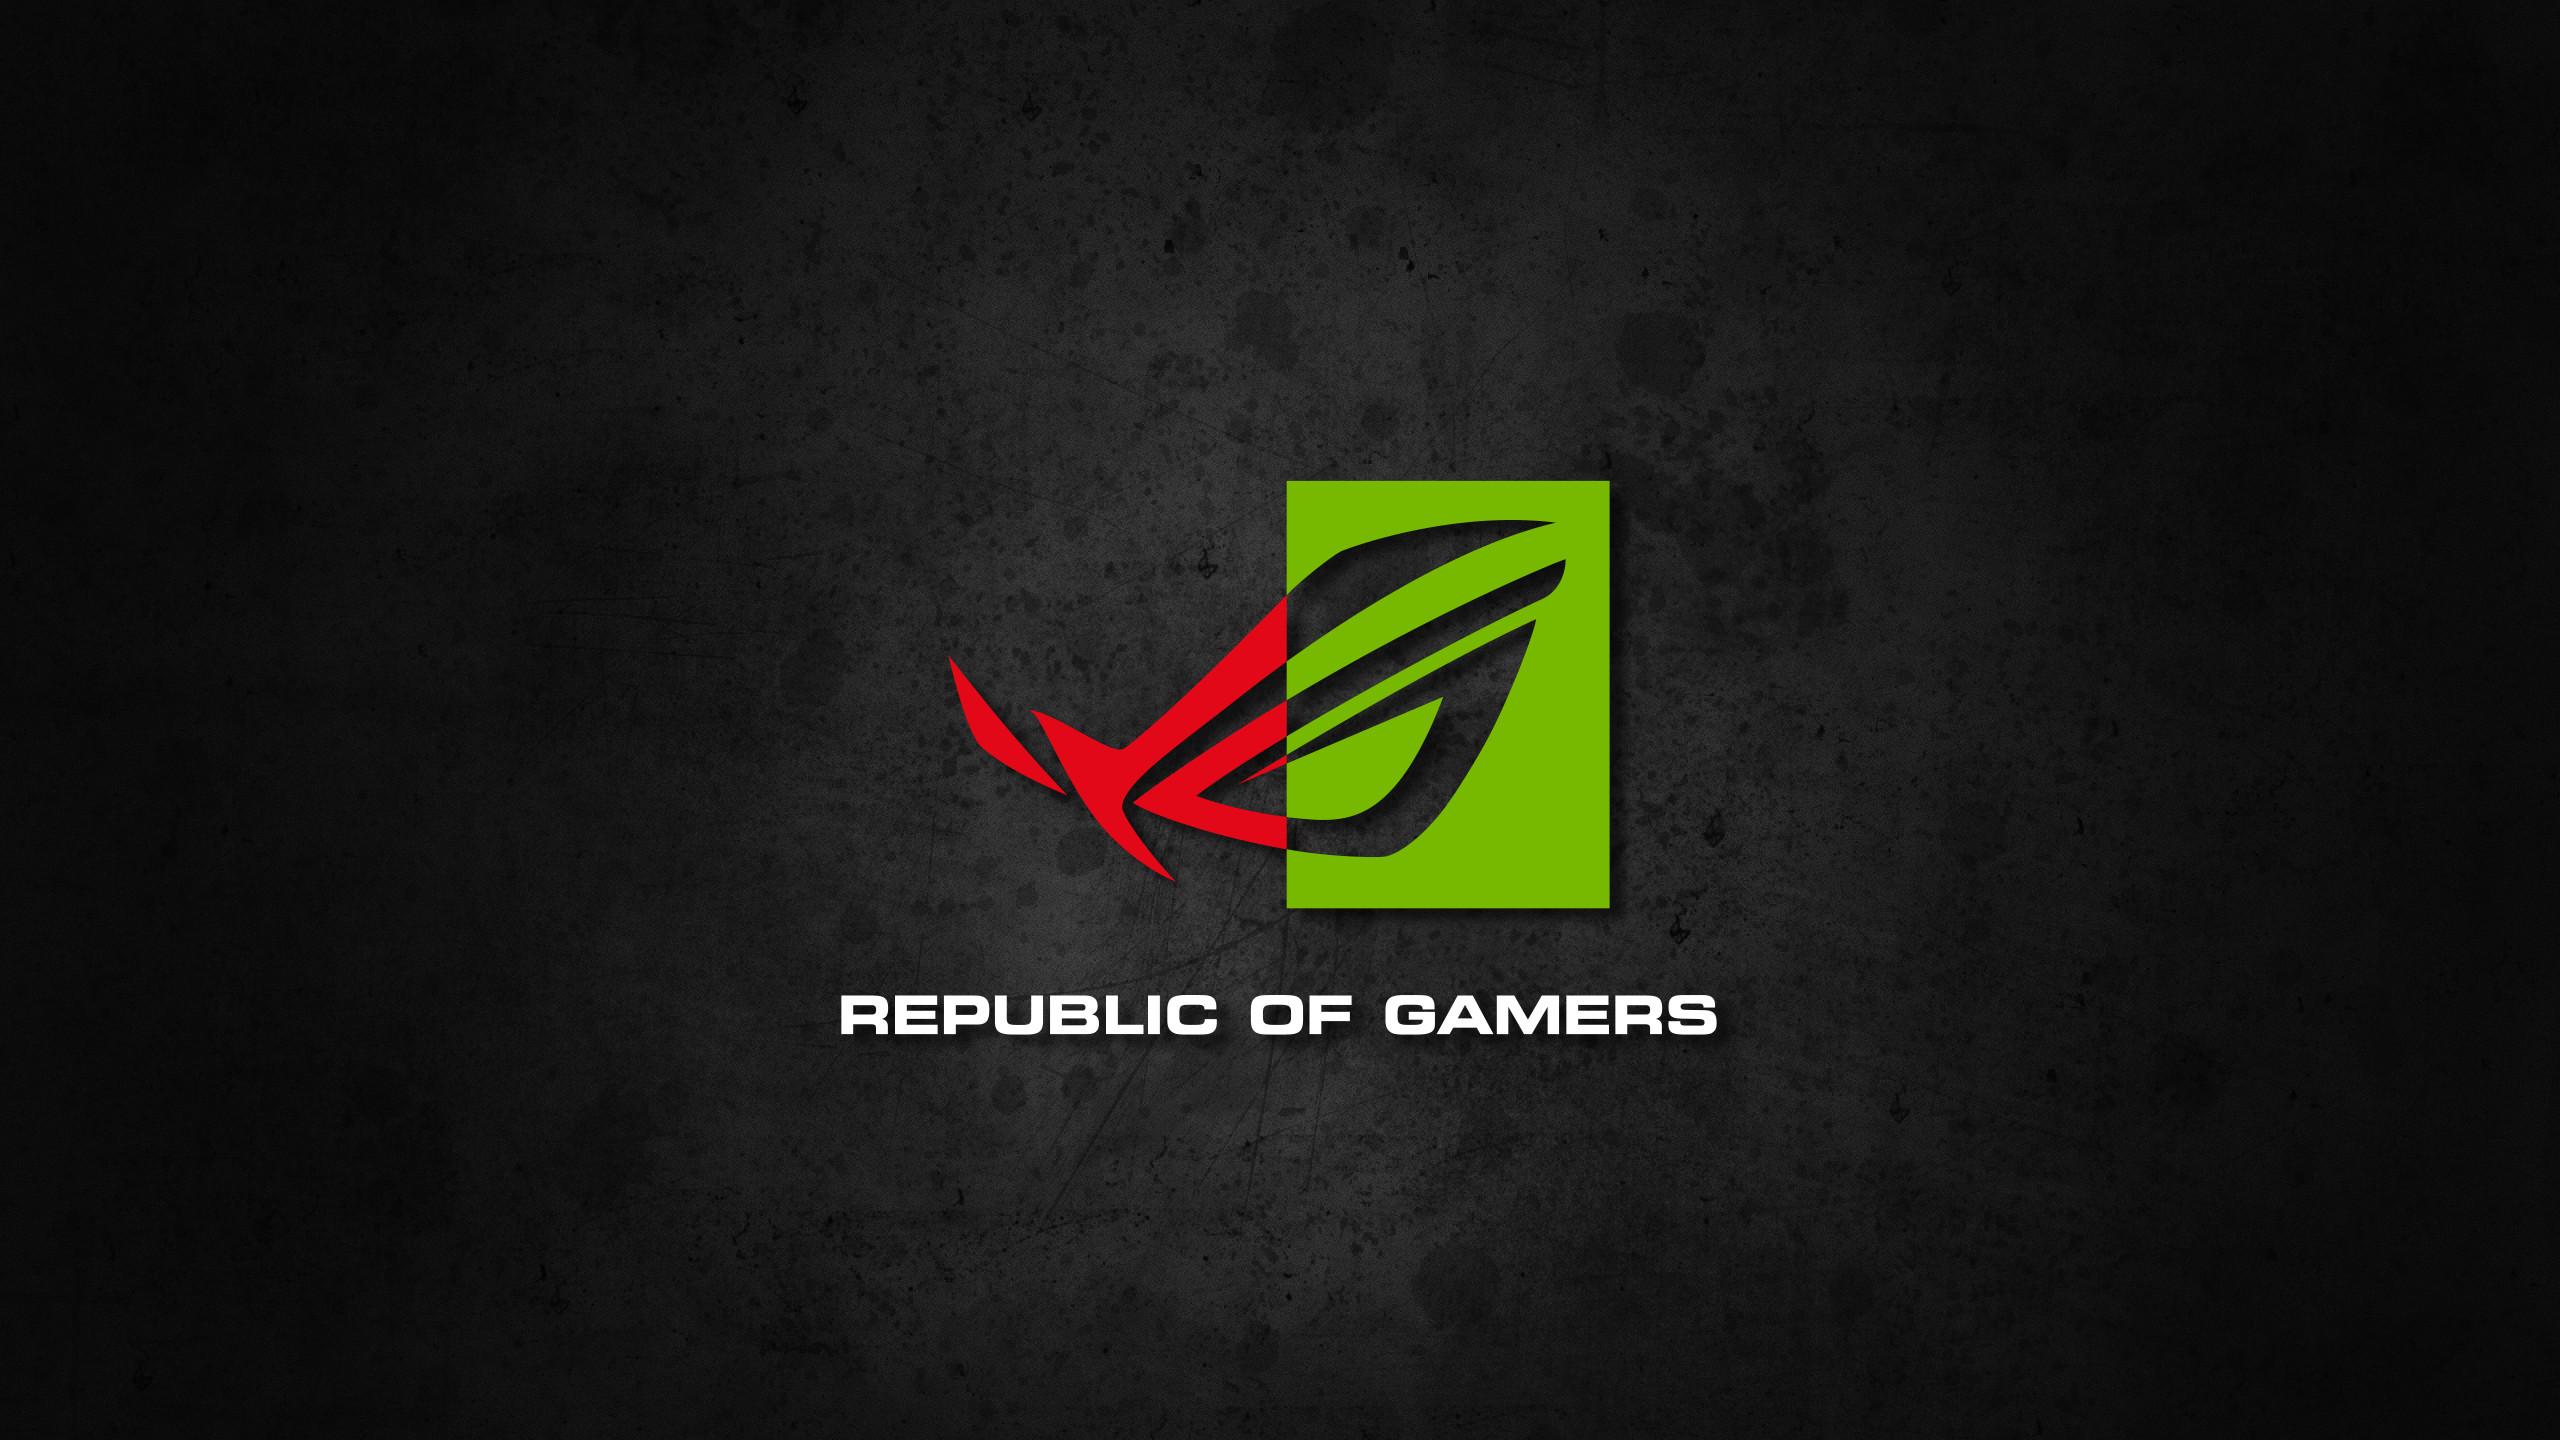 asus logo asus gamer republic of gamers brand blue grey rog .